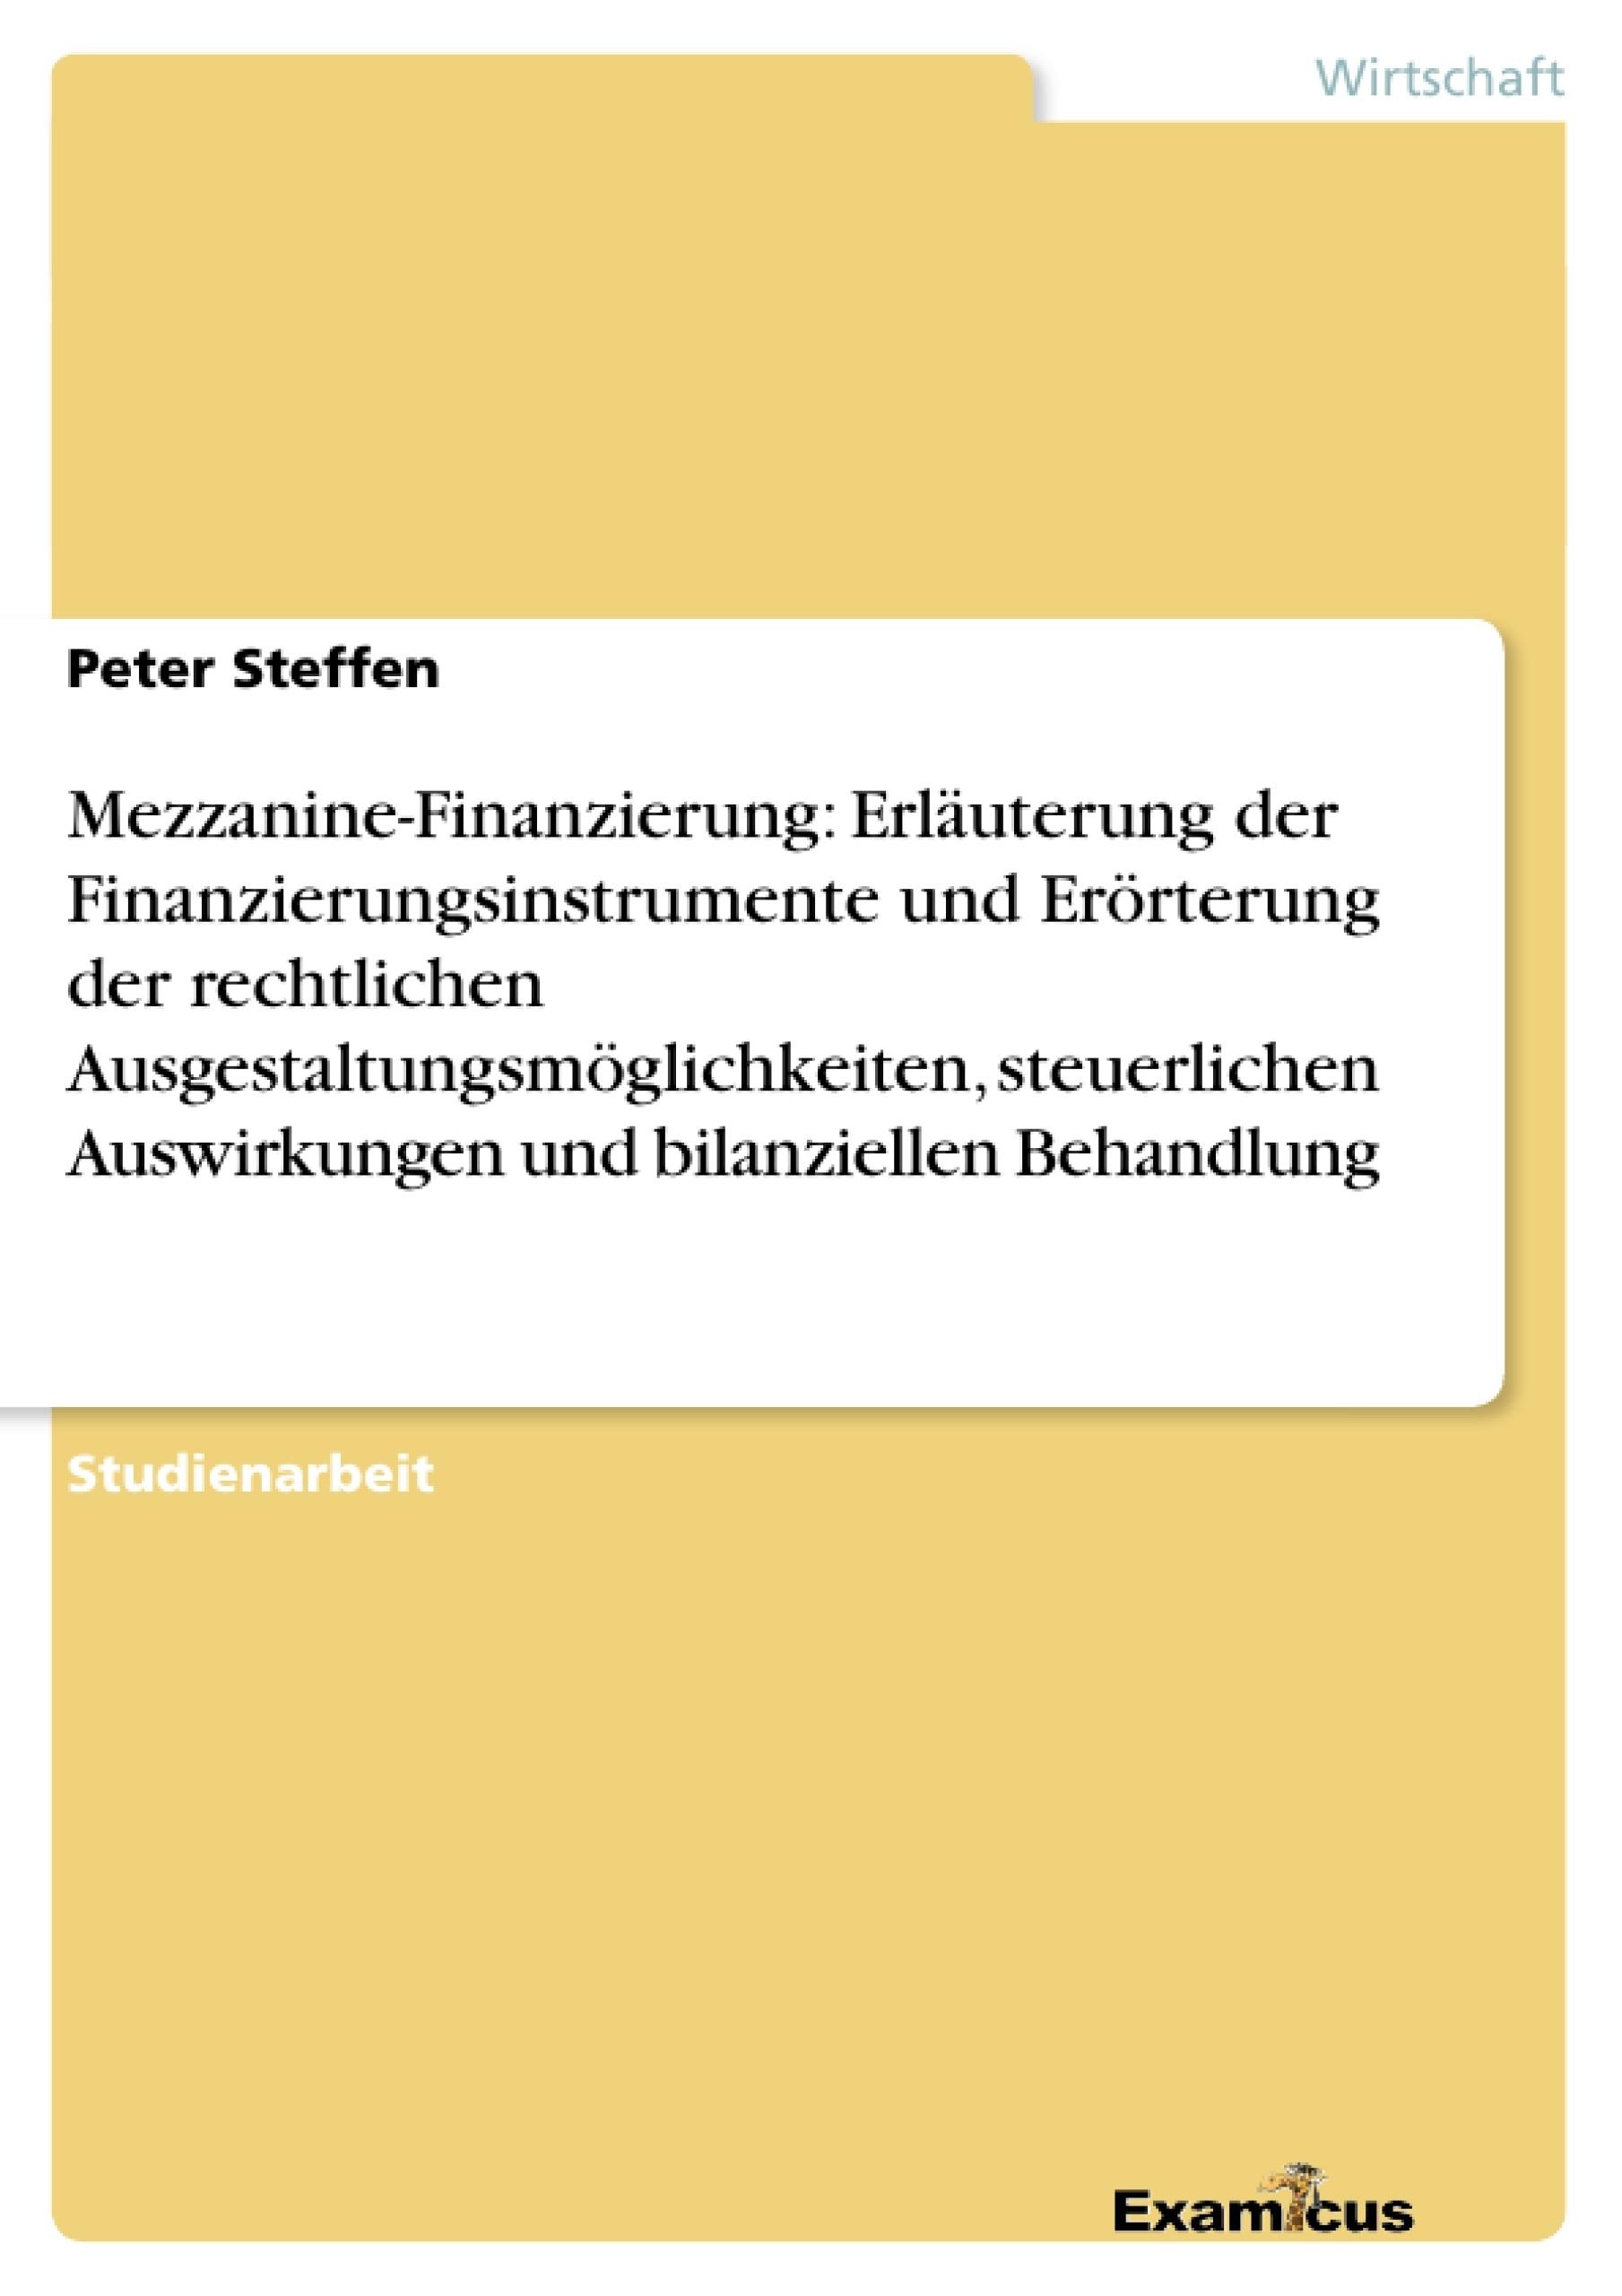 Titel: Mezzanine-Finanzierung: Erläuterung der Finanzierungsinstrumente und Erörterung der rechtlichen Ausgestaltungsmöglichkeiten, steuerlichen Auswirkungen und bilanziellen Behandlung